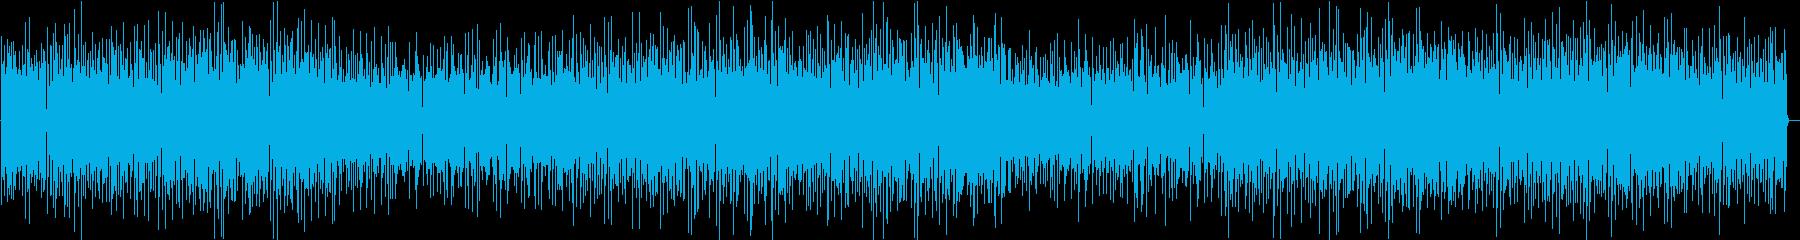 ファンキー・バンド・ブラス・映像などにの再生済みの波形